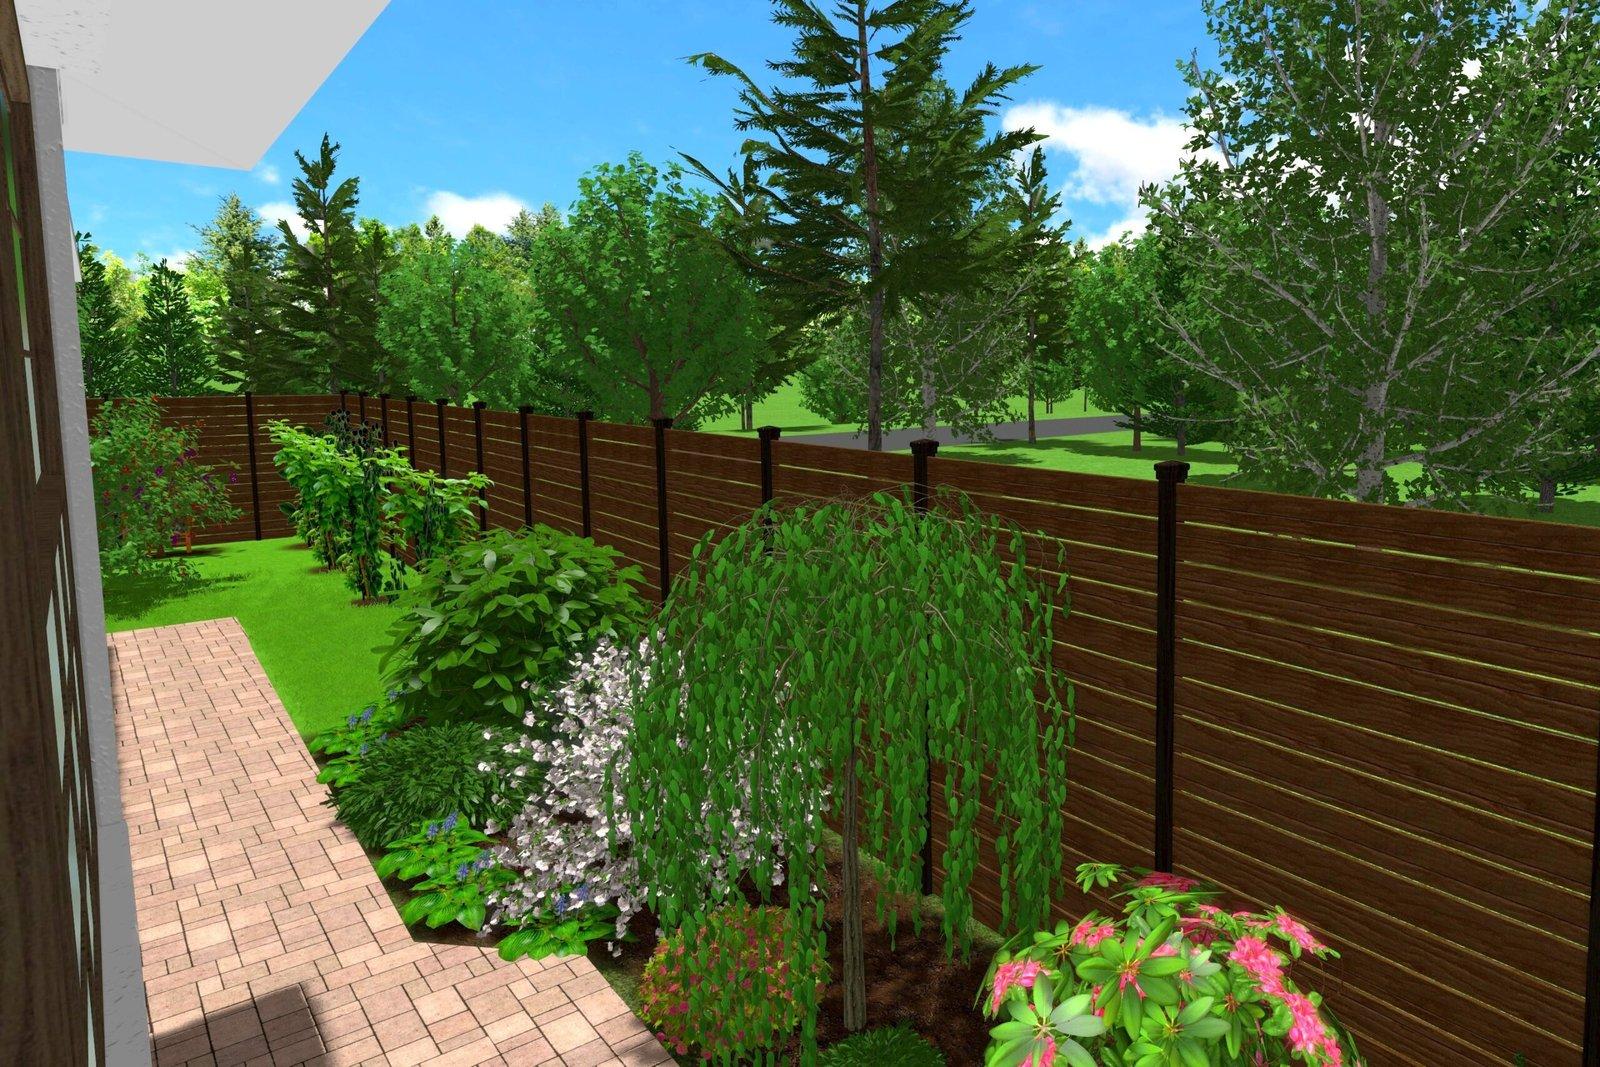 Ландшафтный дизайн, цена стильного озеленения, цены ландшафтного дизайна,